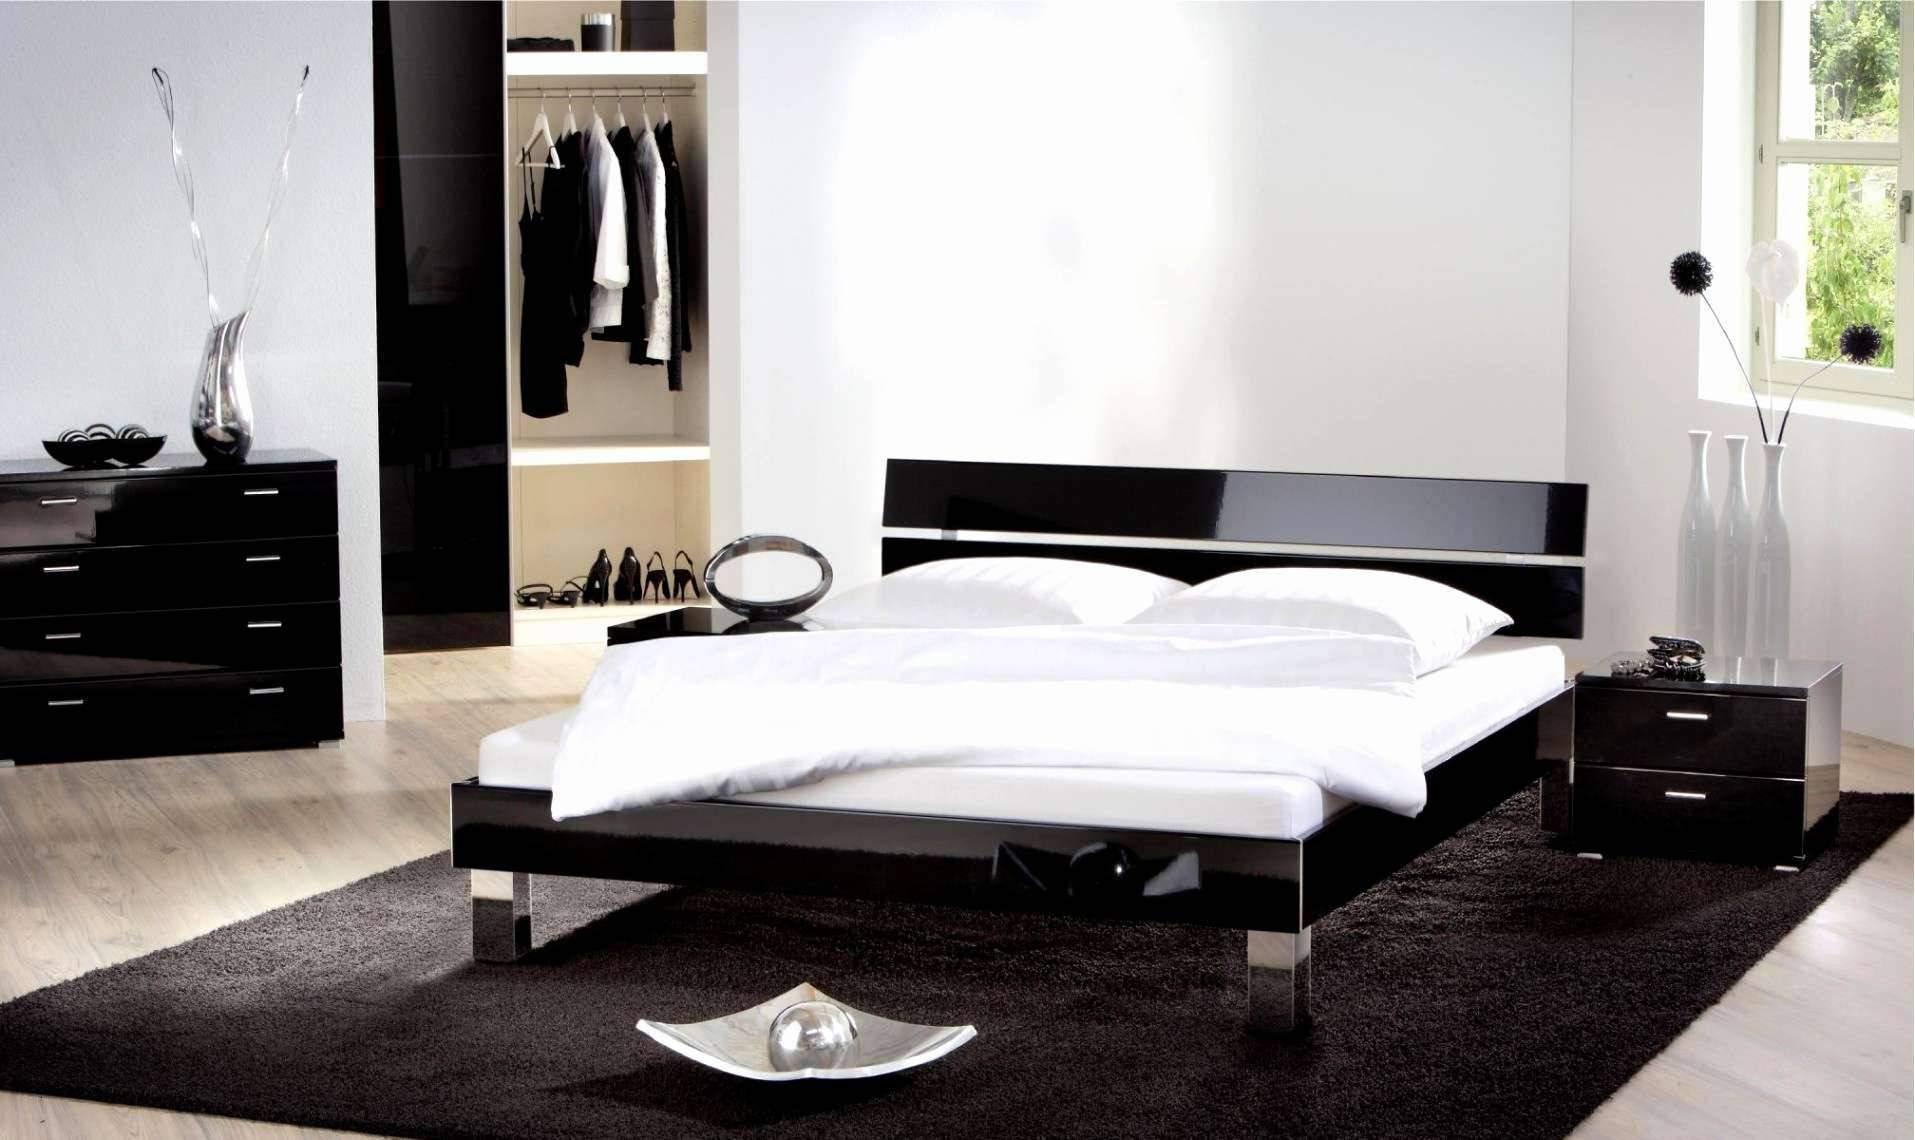 wohnzimmer deko ideen frisch tischdeko wohnzimmer frisch das beste von deko ideen diy of wohnzimmer deko ideen